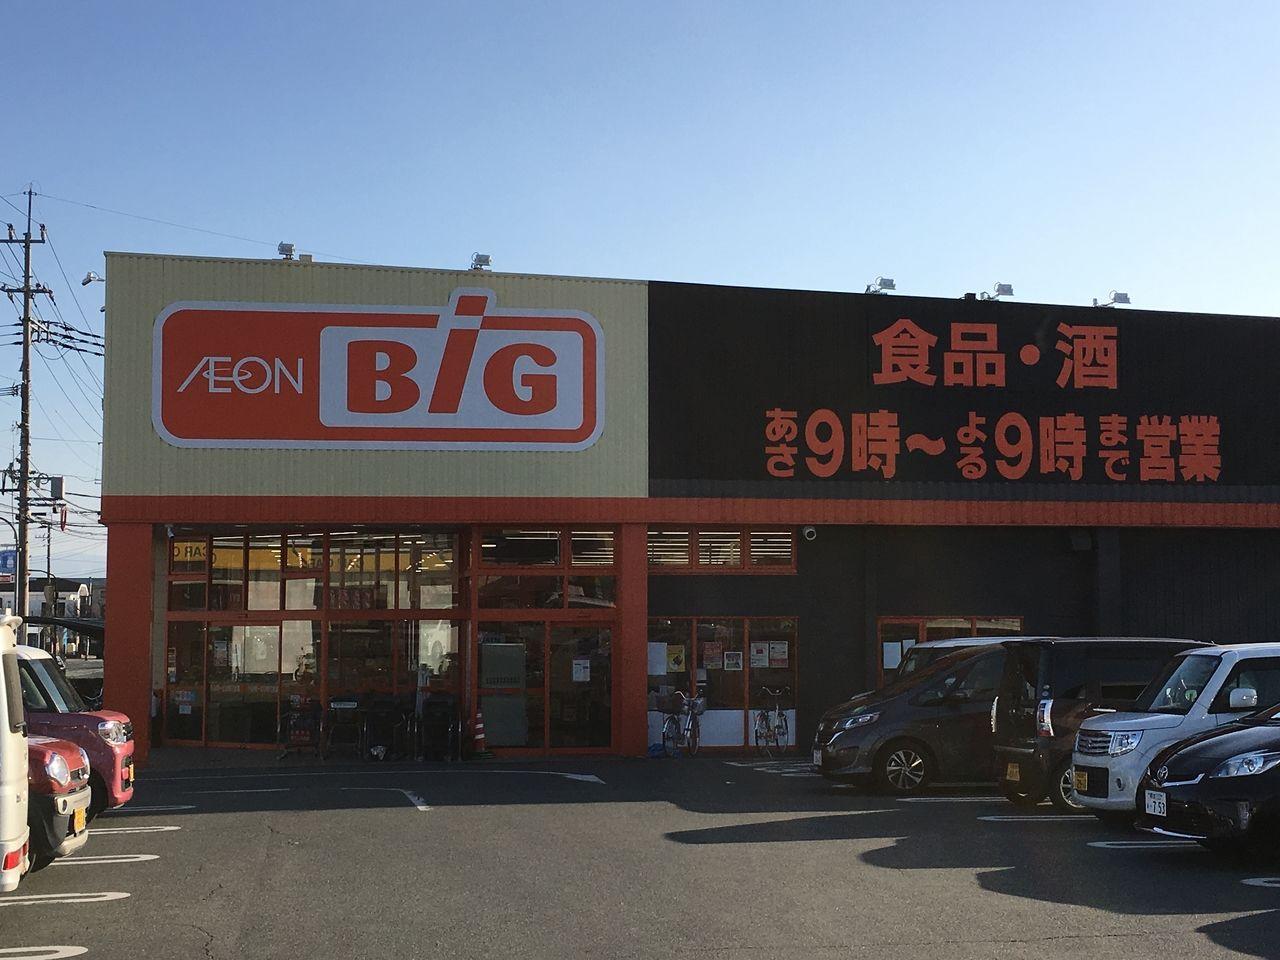 ザ・ビッグ桜木店は、熊本市東区花立・桜木商店街にあります。営業時間は、あさ9時~よる9時までの12時間です。駐車場もかなり広くて、出入口がたくさんありとても便利の良いお店です。